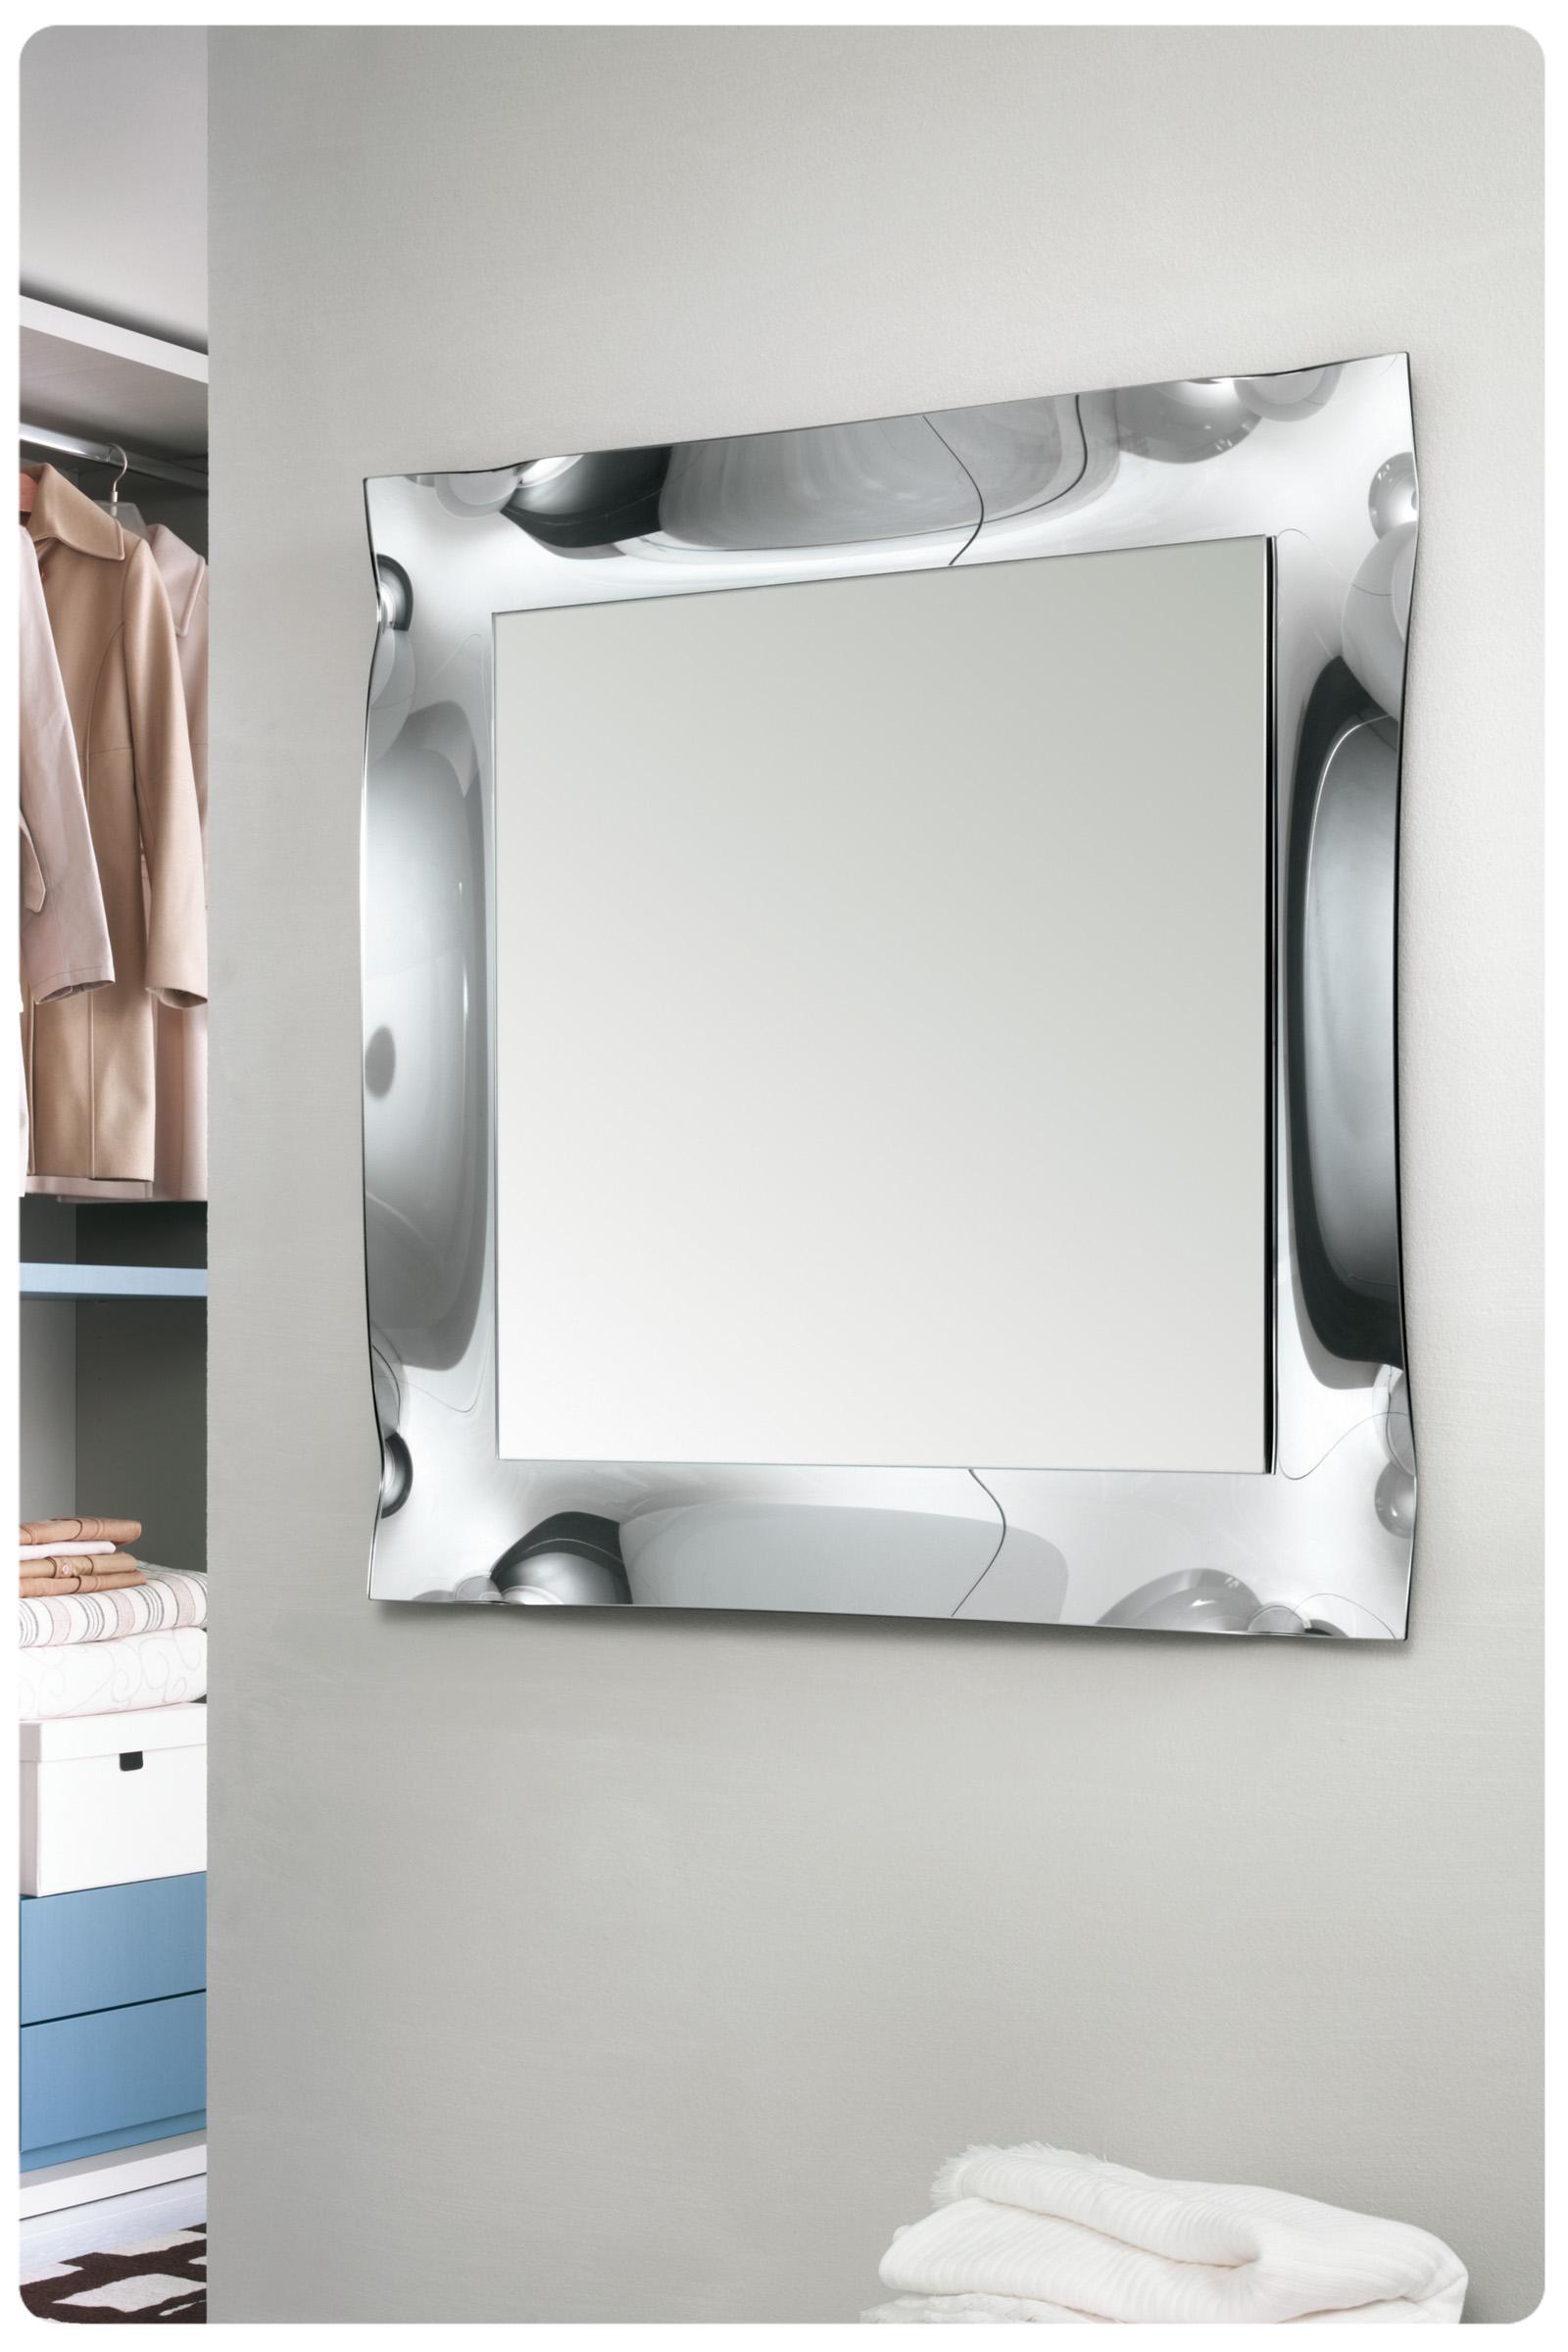 Specchi Milano: il tuo Negozio di Specchi | Lops